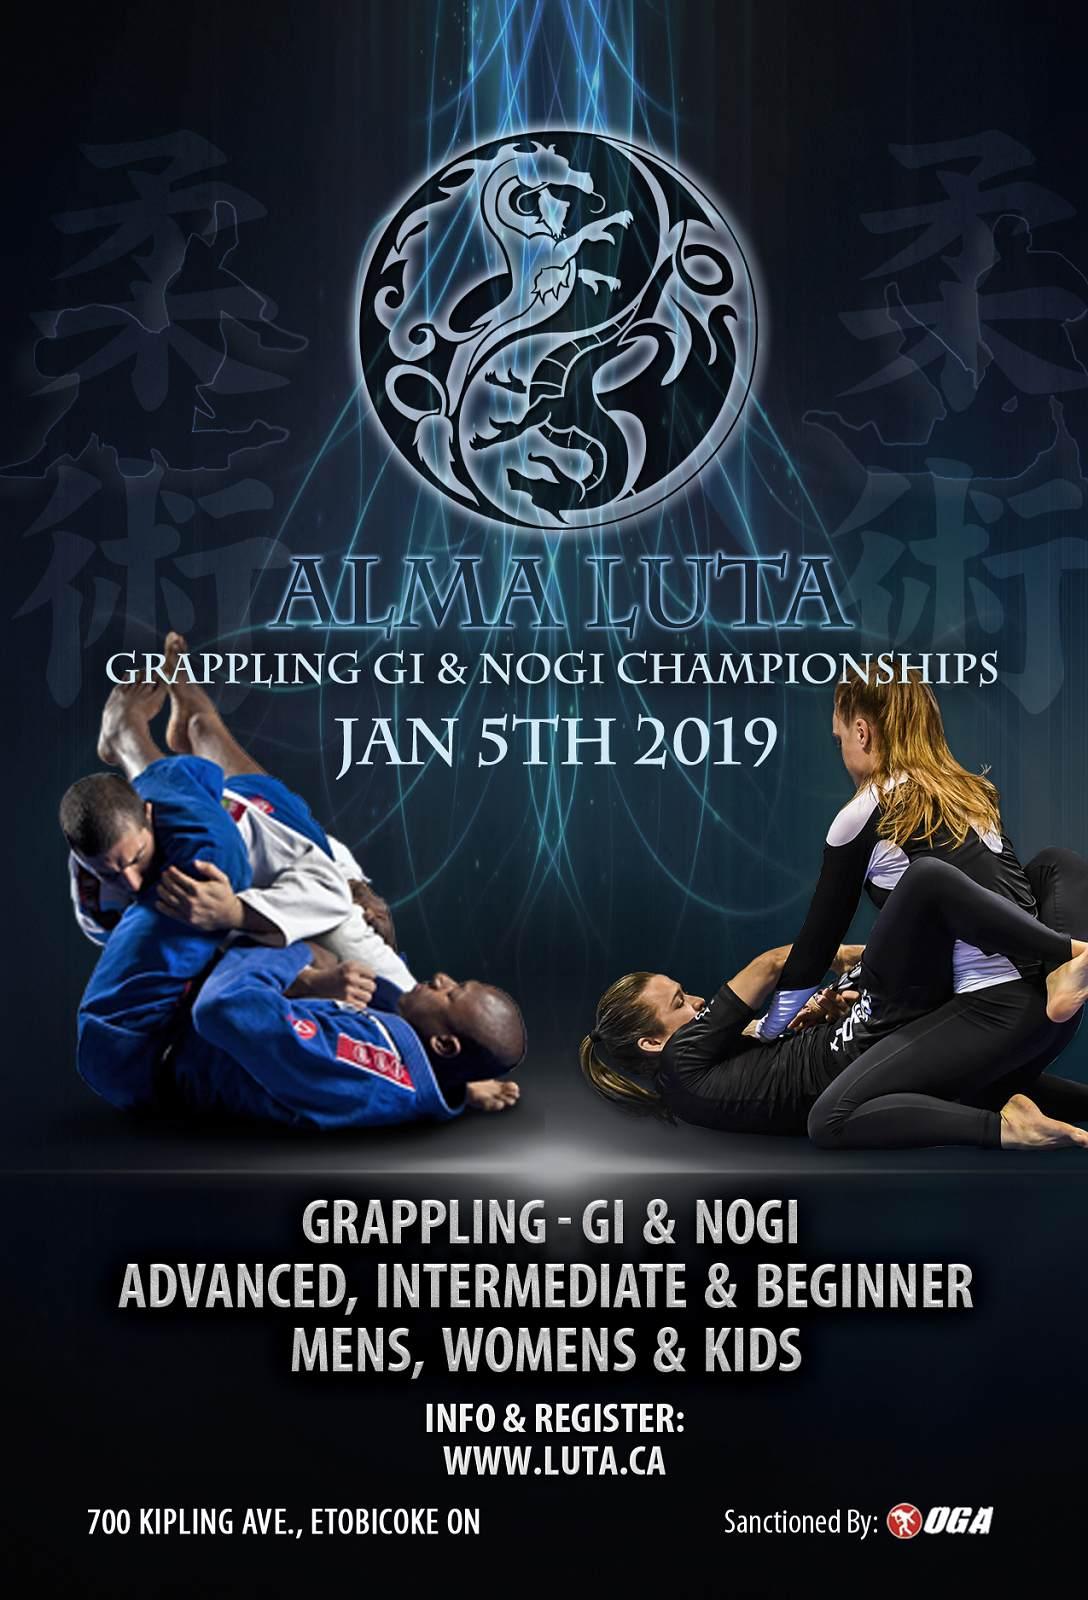 MMA | Brazilian Jiu Jitsu | Grappling | Muay Thai | Kickboxing